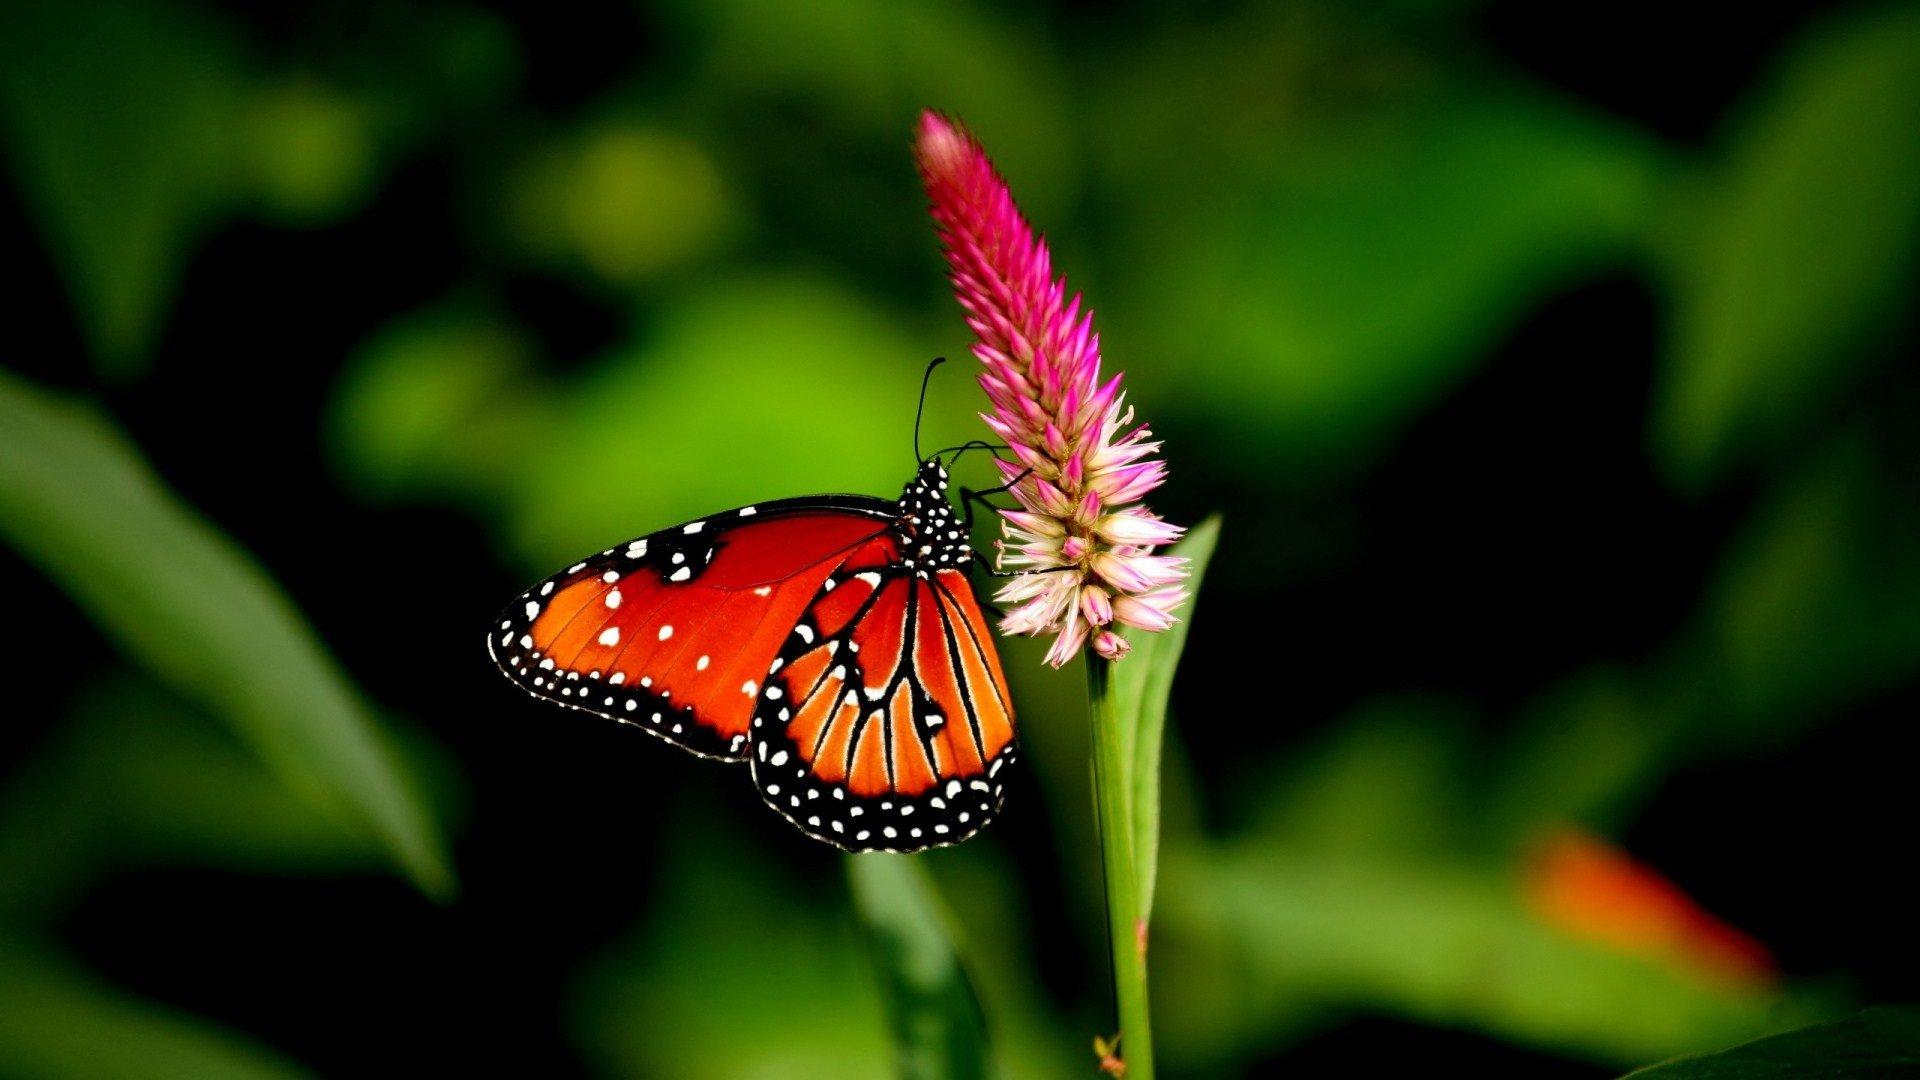 rainforest butterfly wallpaper - photo #22